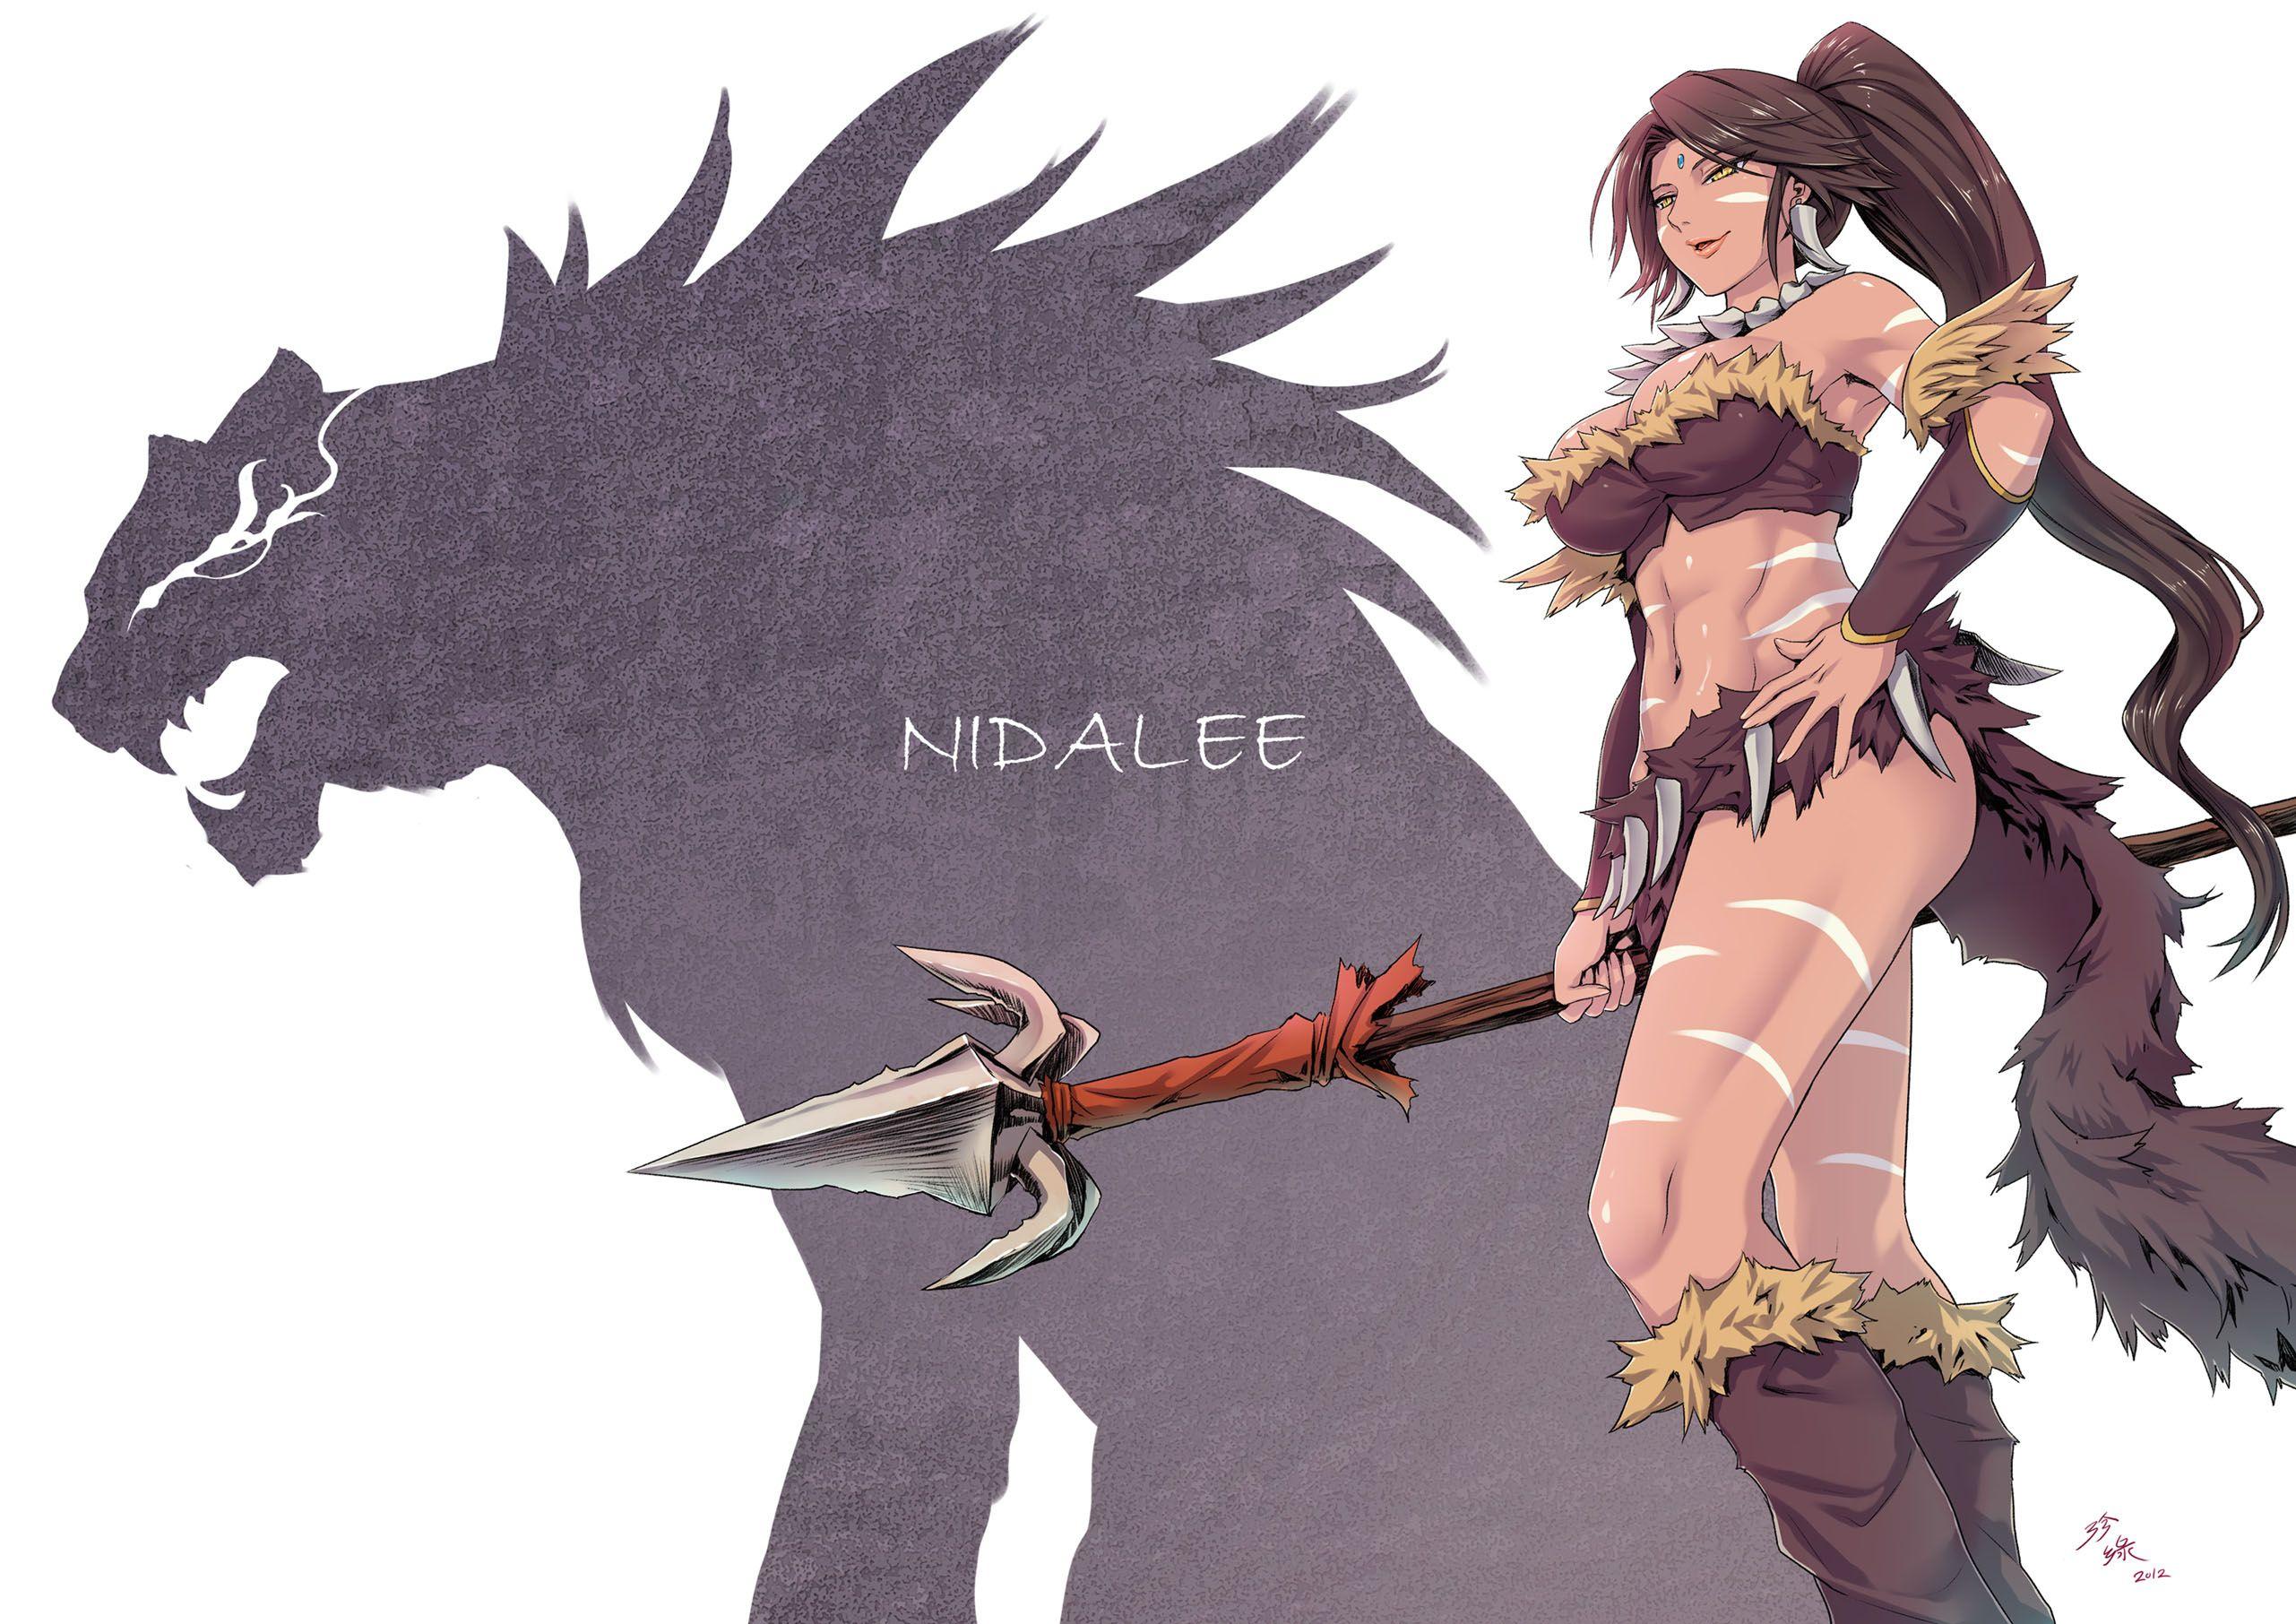 Nidalee